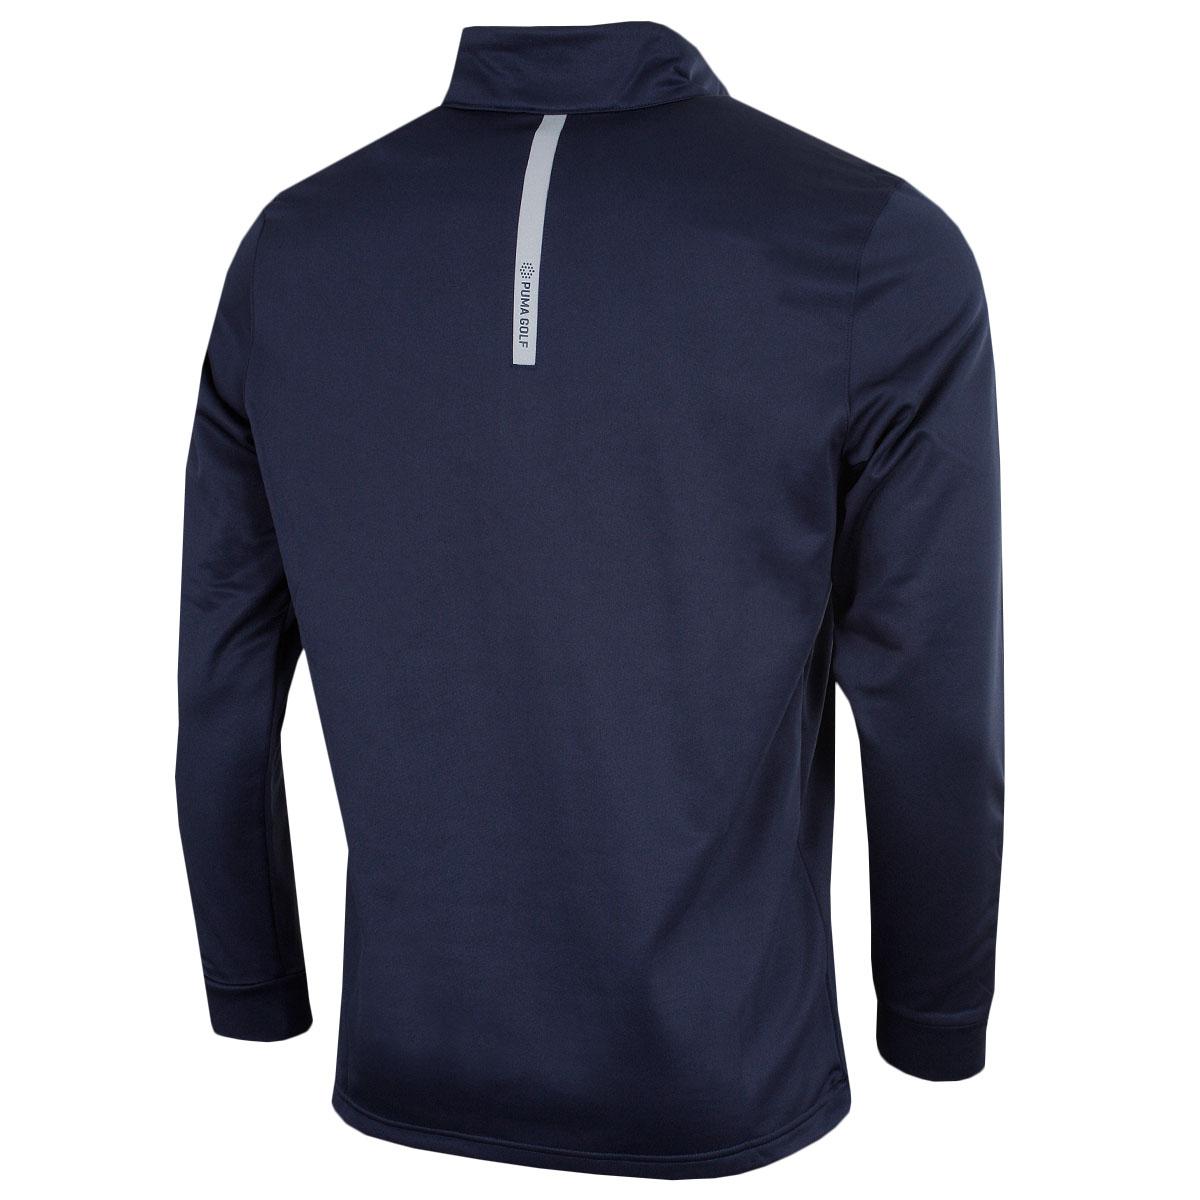 Puma-Golf-Mens-Midweight-1-4-Zip-Moisture-Wicking-WarmCELL-Fleece-46-OFF-RRP thumbnail 3